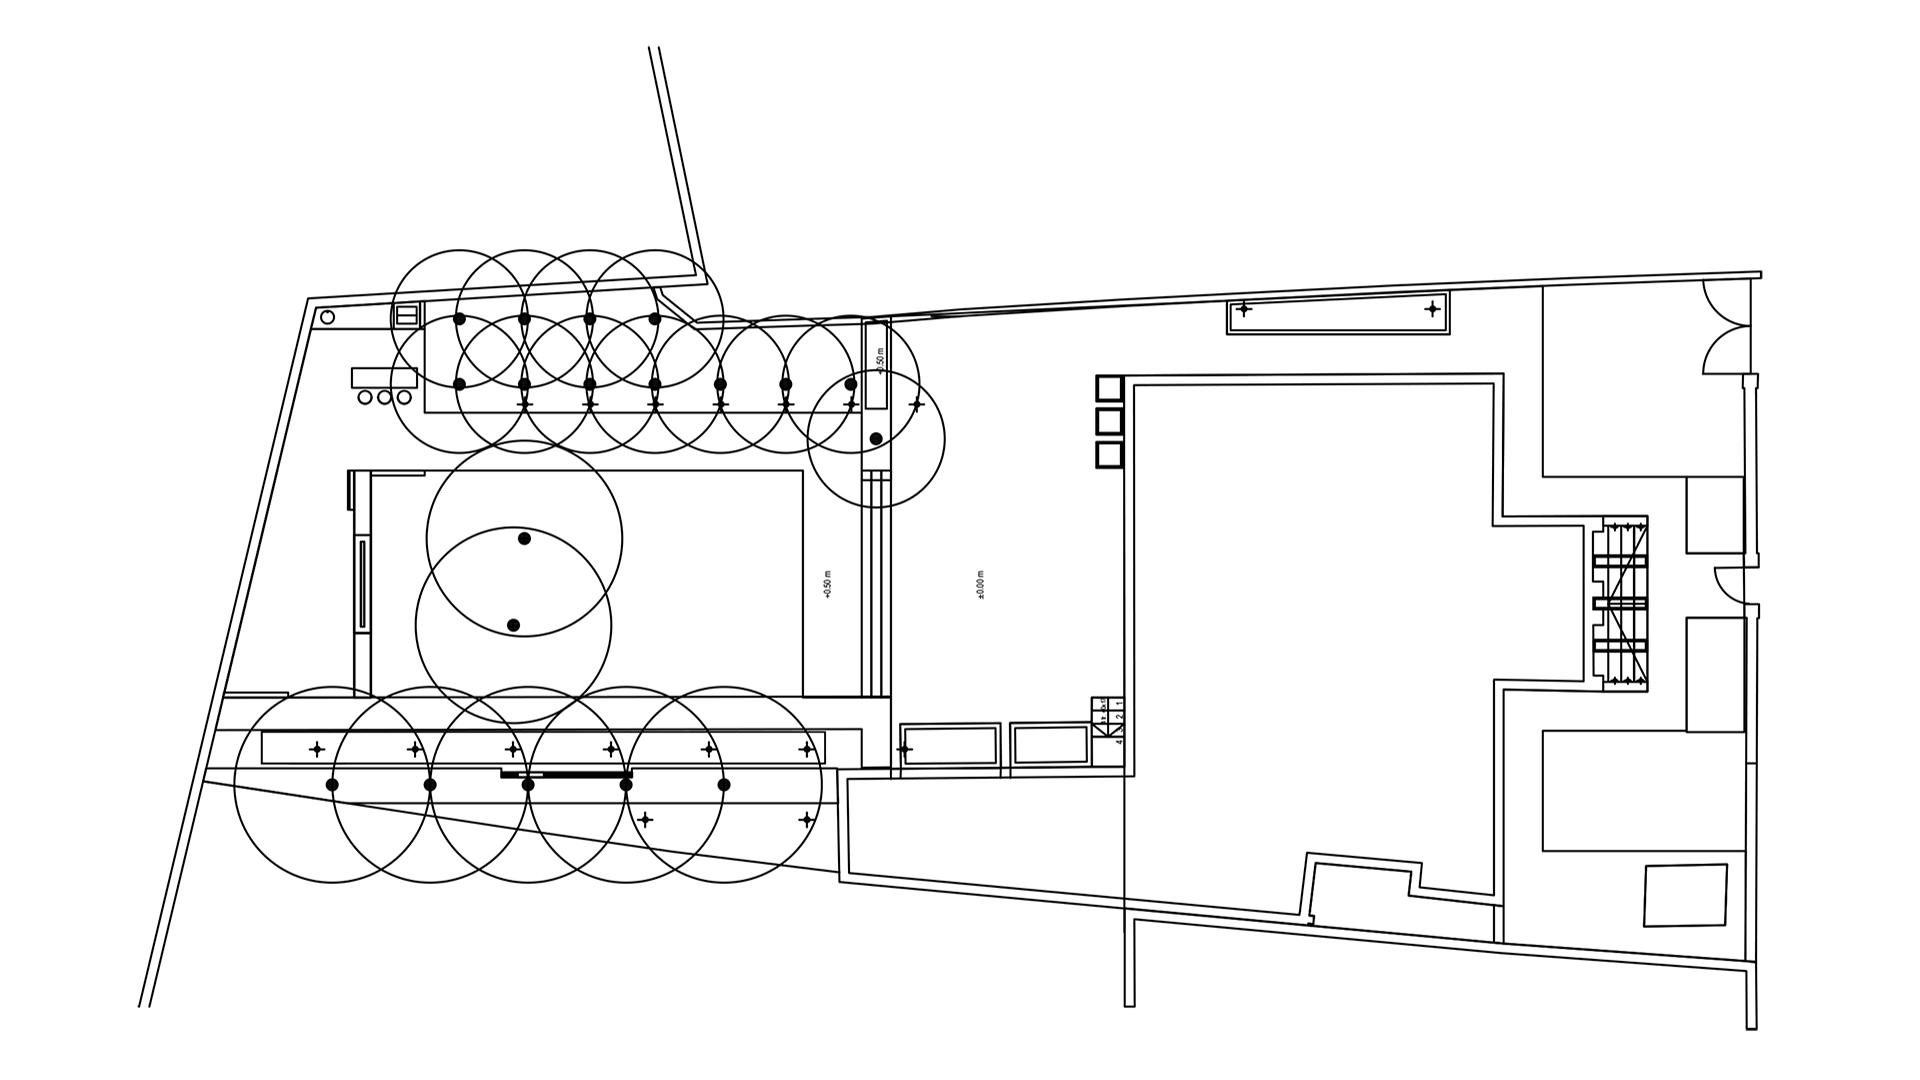 plan amenajarea unei gradini cu pavilion metalic